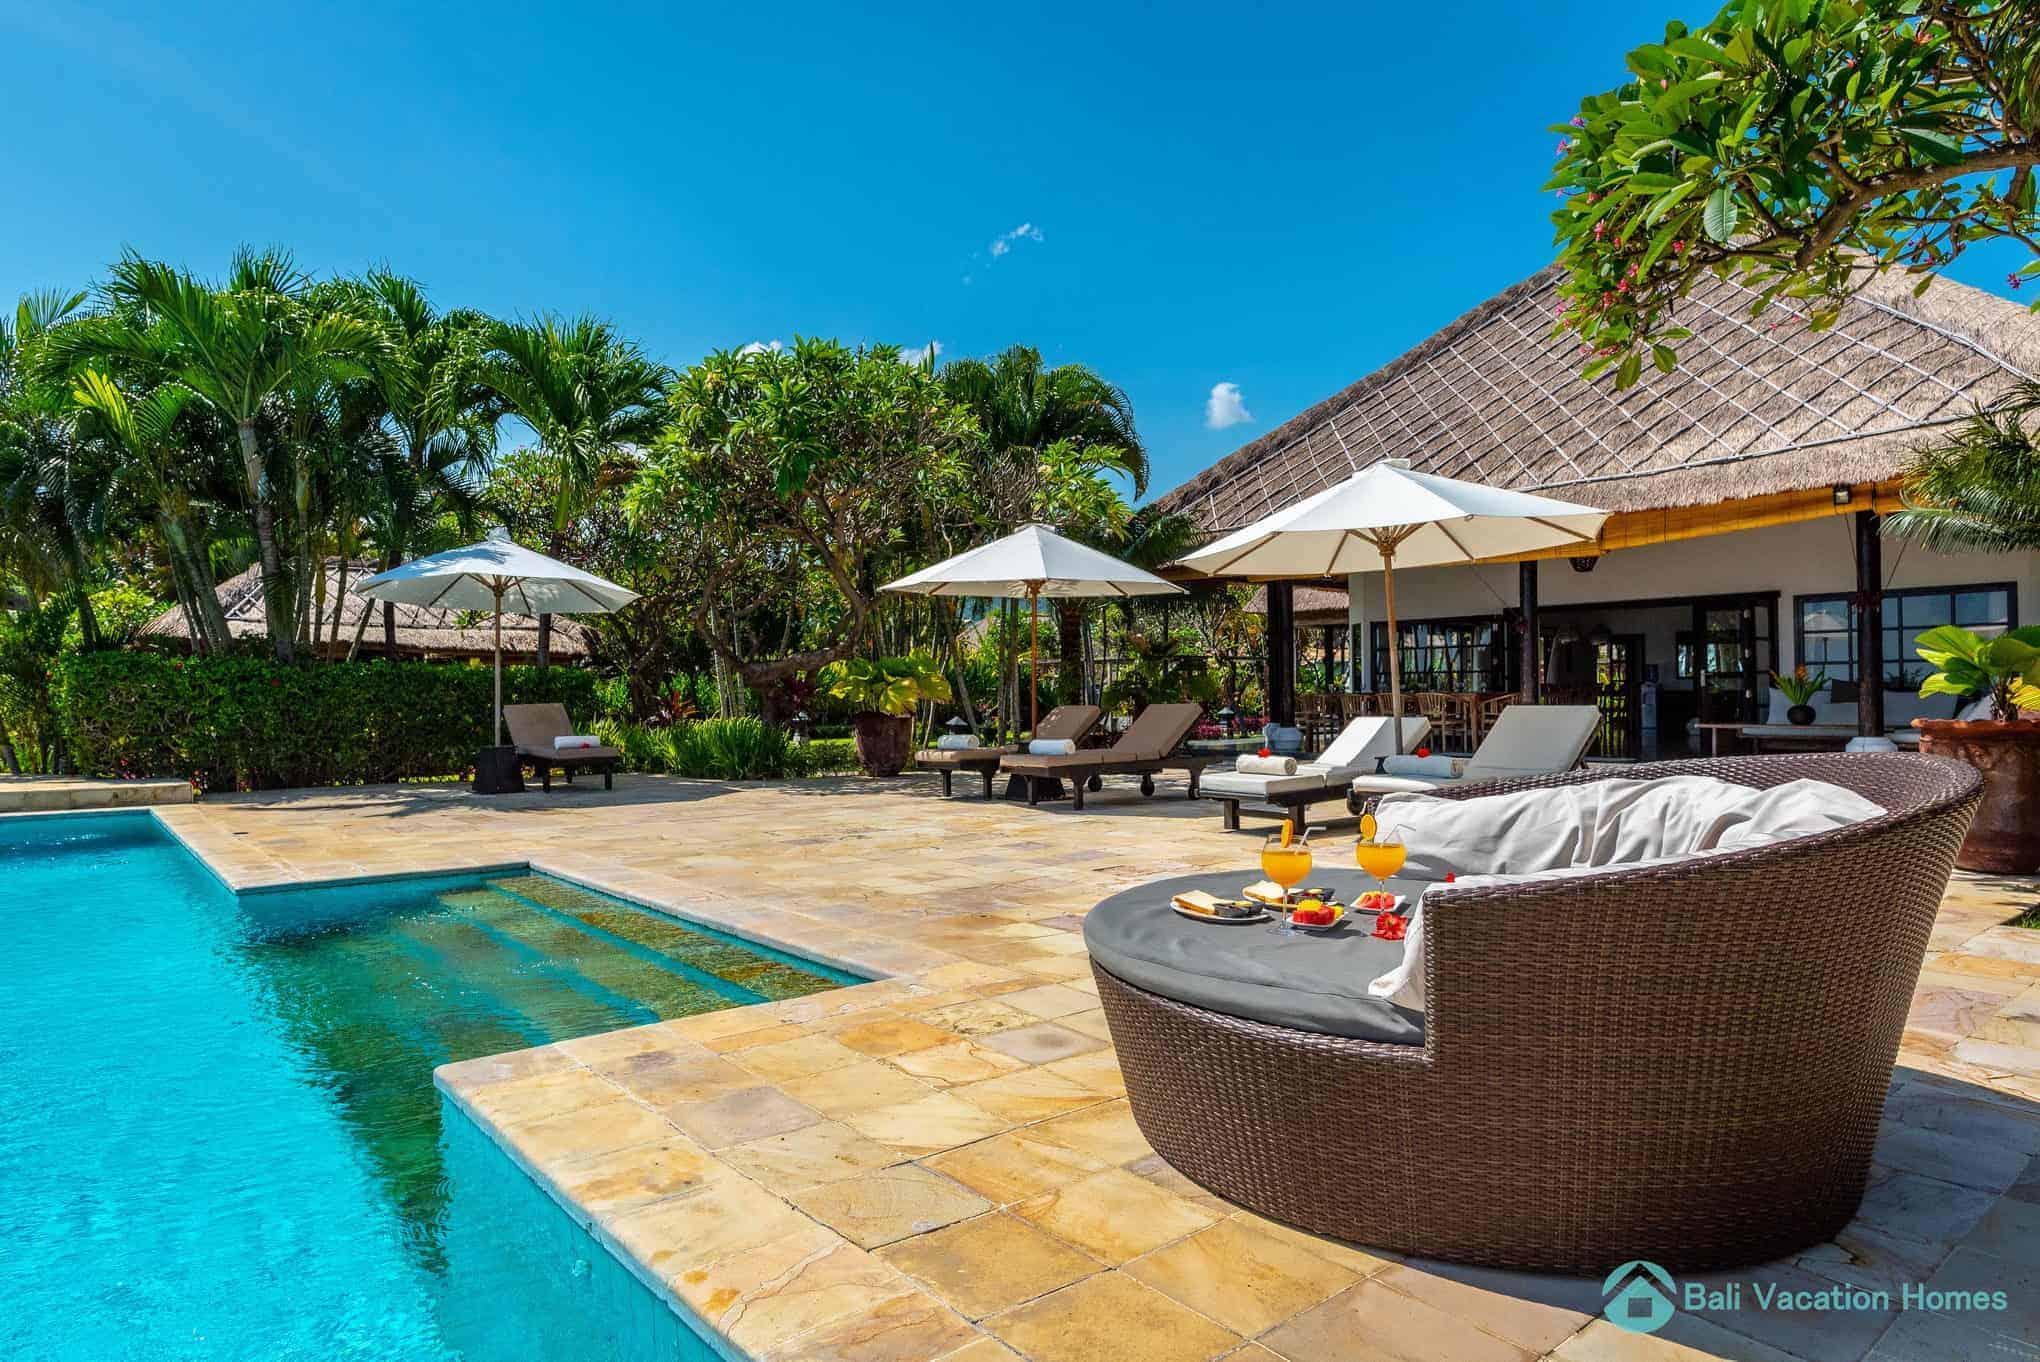 villa-rumah-rindu-bali-vacation-homes-0002_2